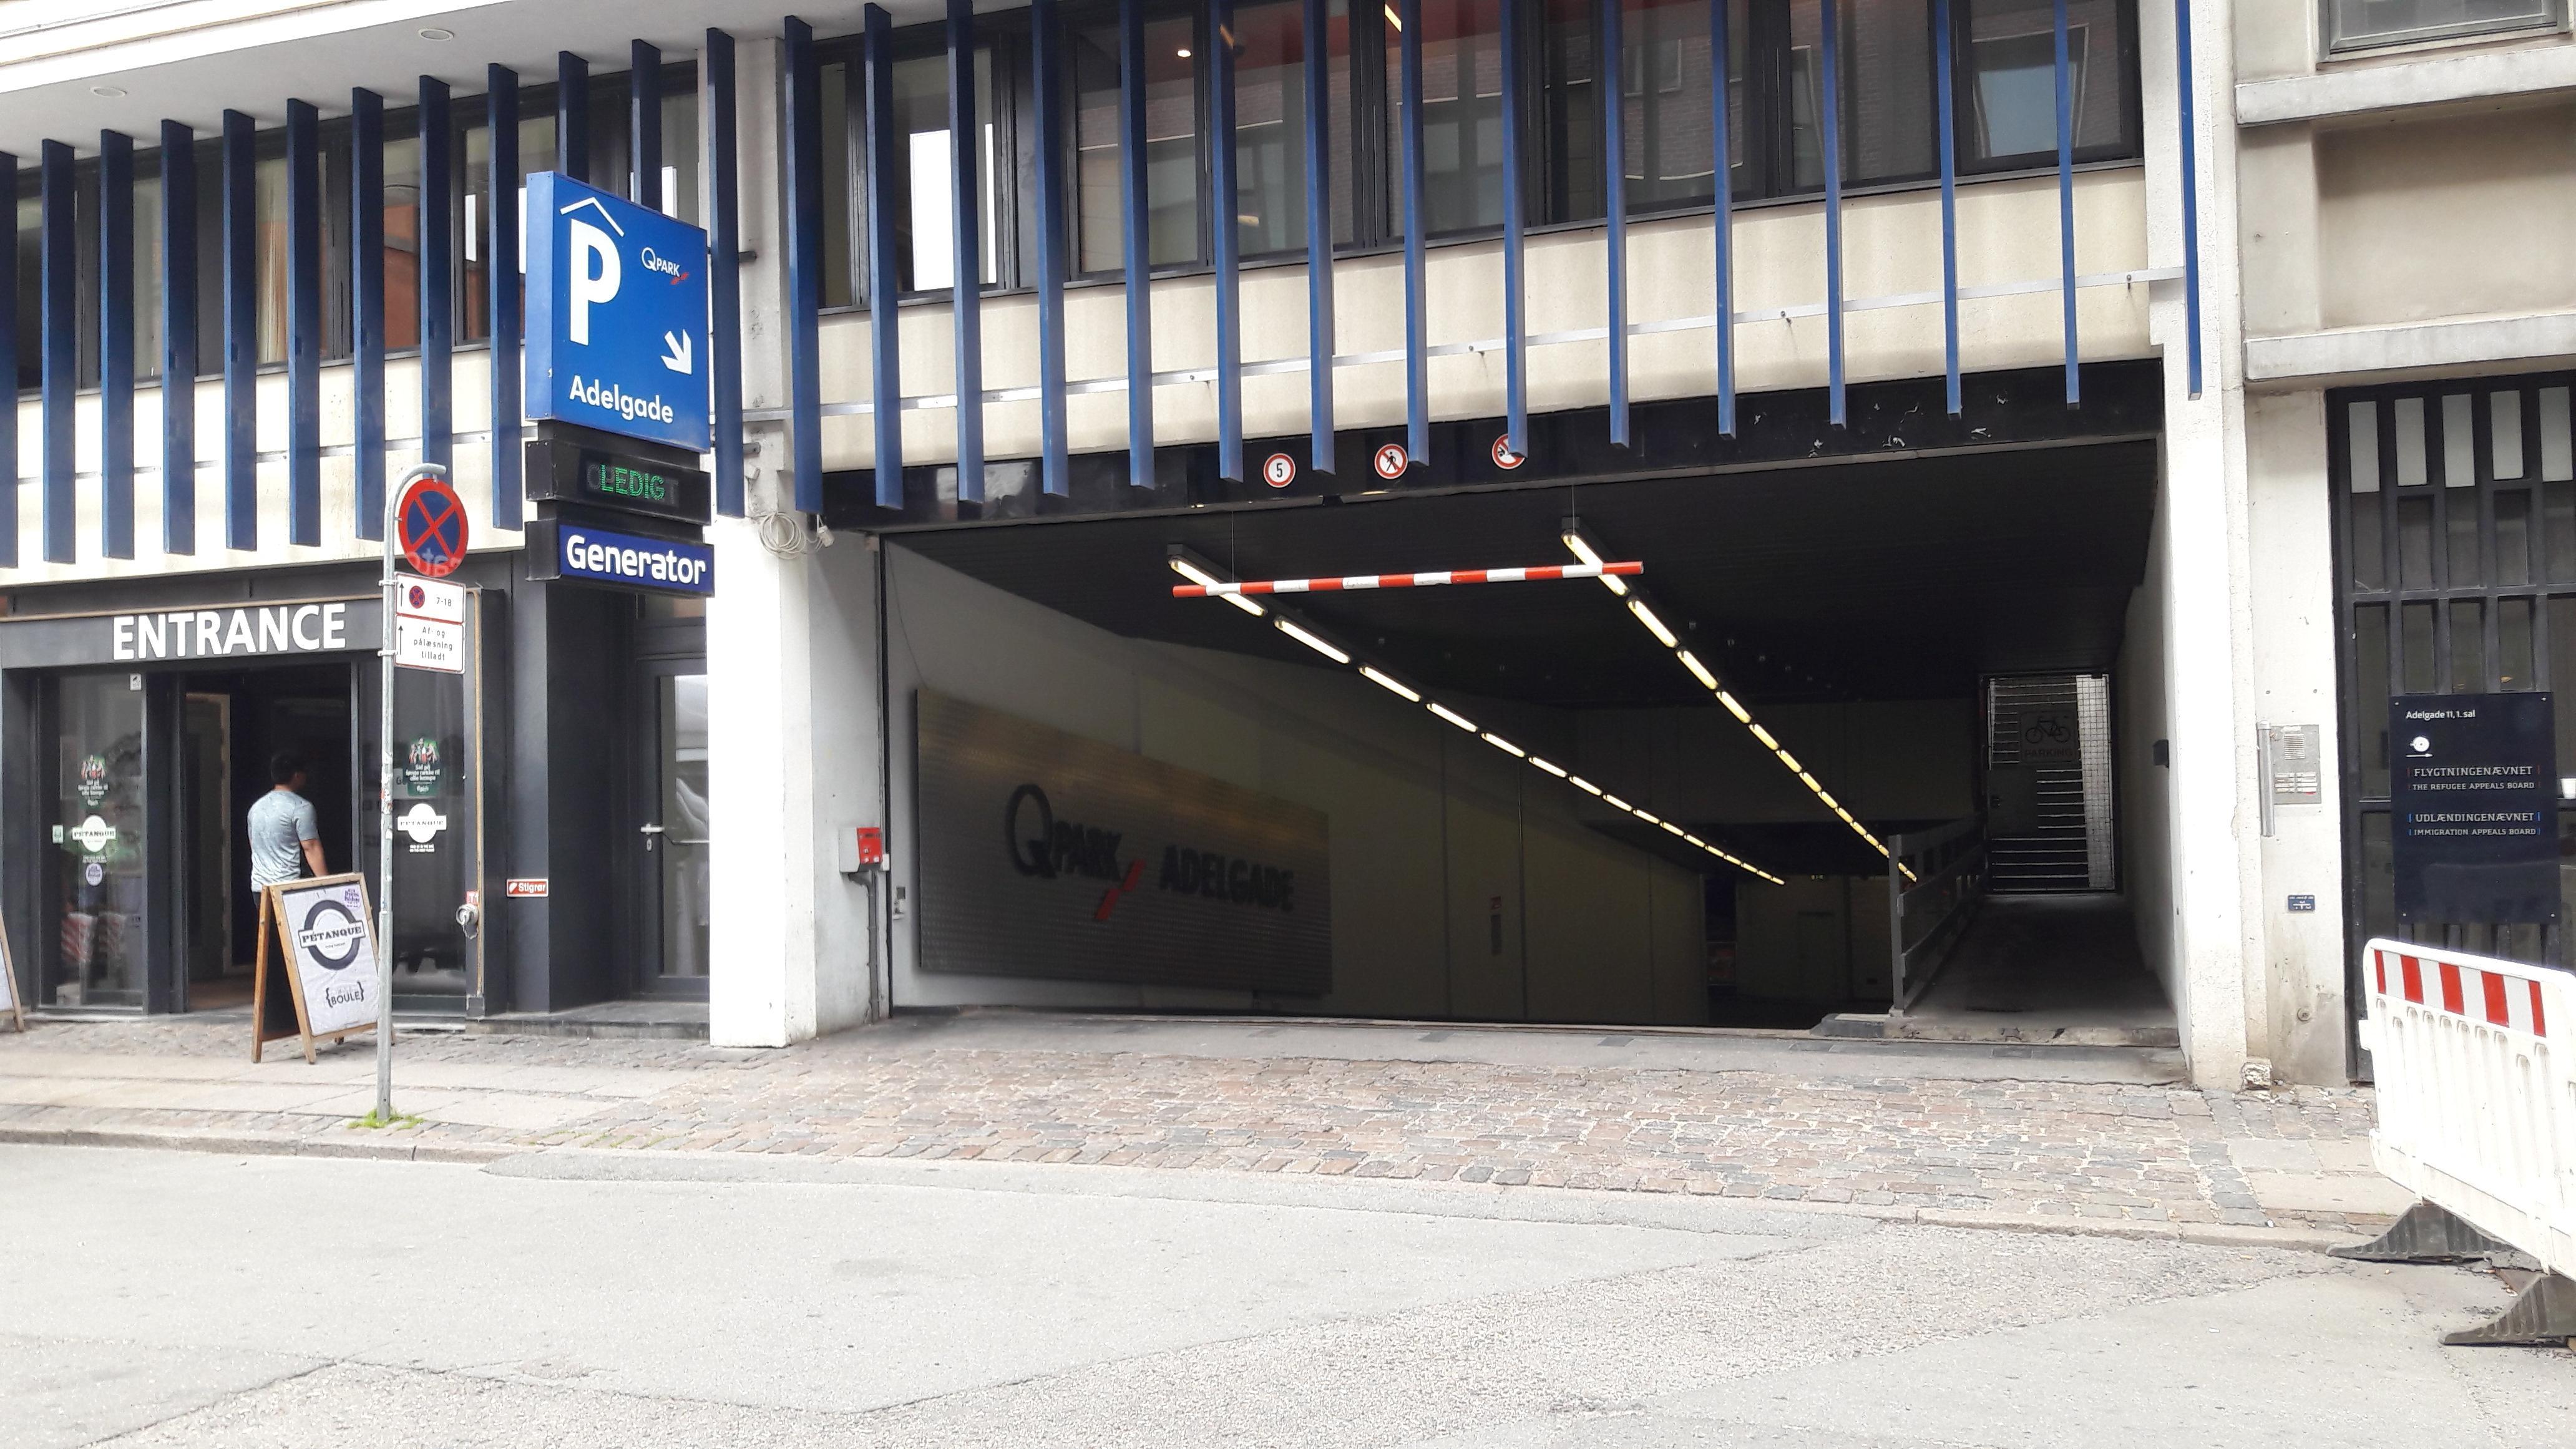 adelgade 11 1304 københavn k